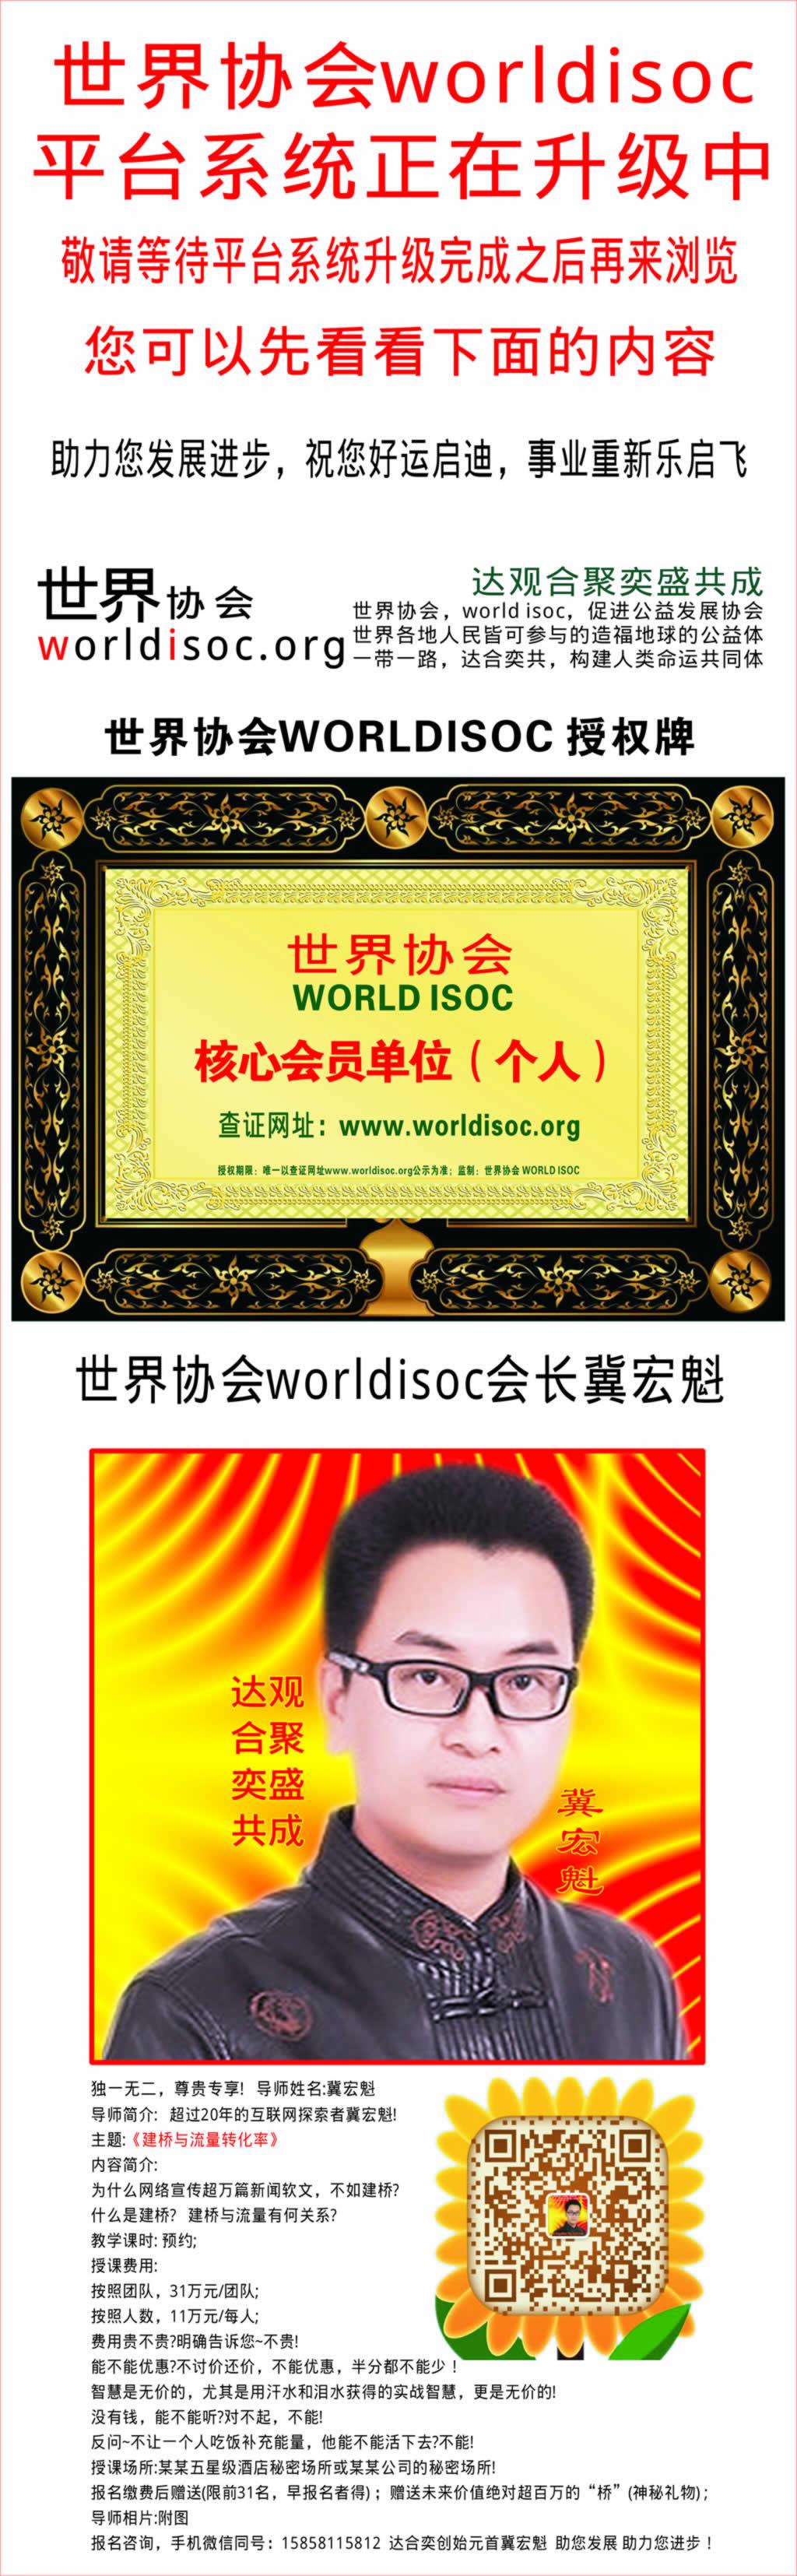 世界协会worldisoc|促进构建人类命运共同体|倡导人类同信仰达合奕共|达观合聚奕盛共成|一带一路|地球村|世界人民大团结万岁